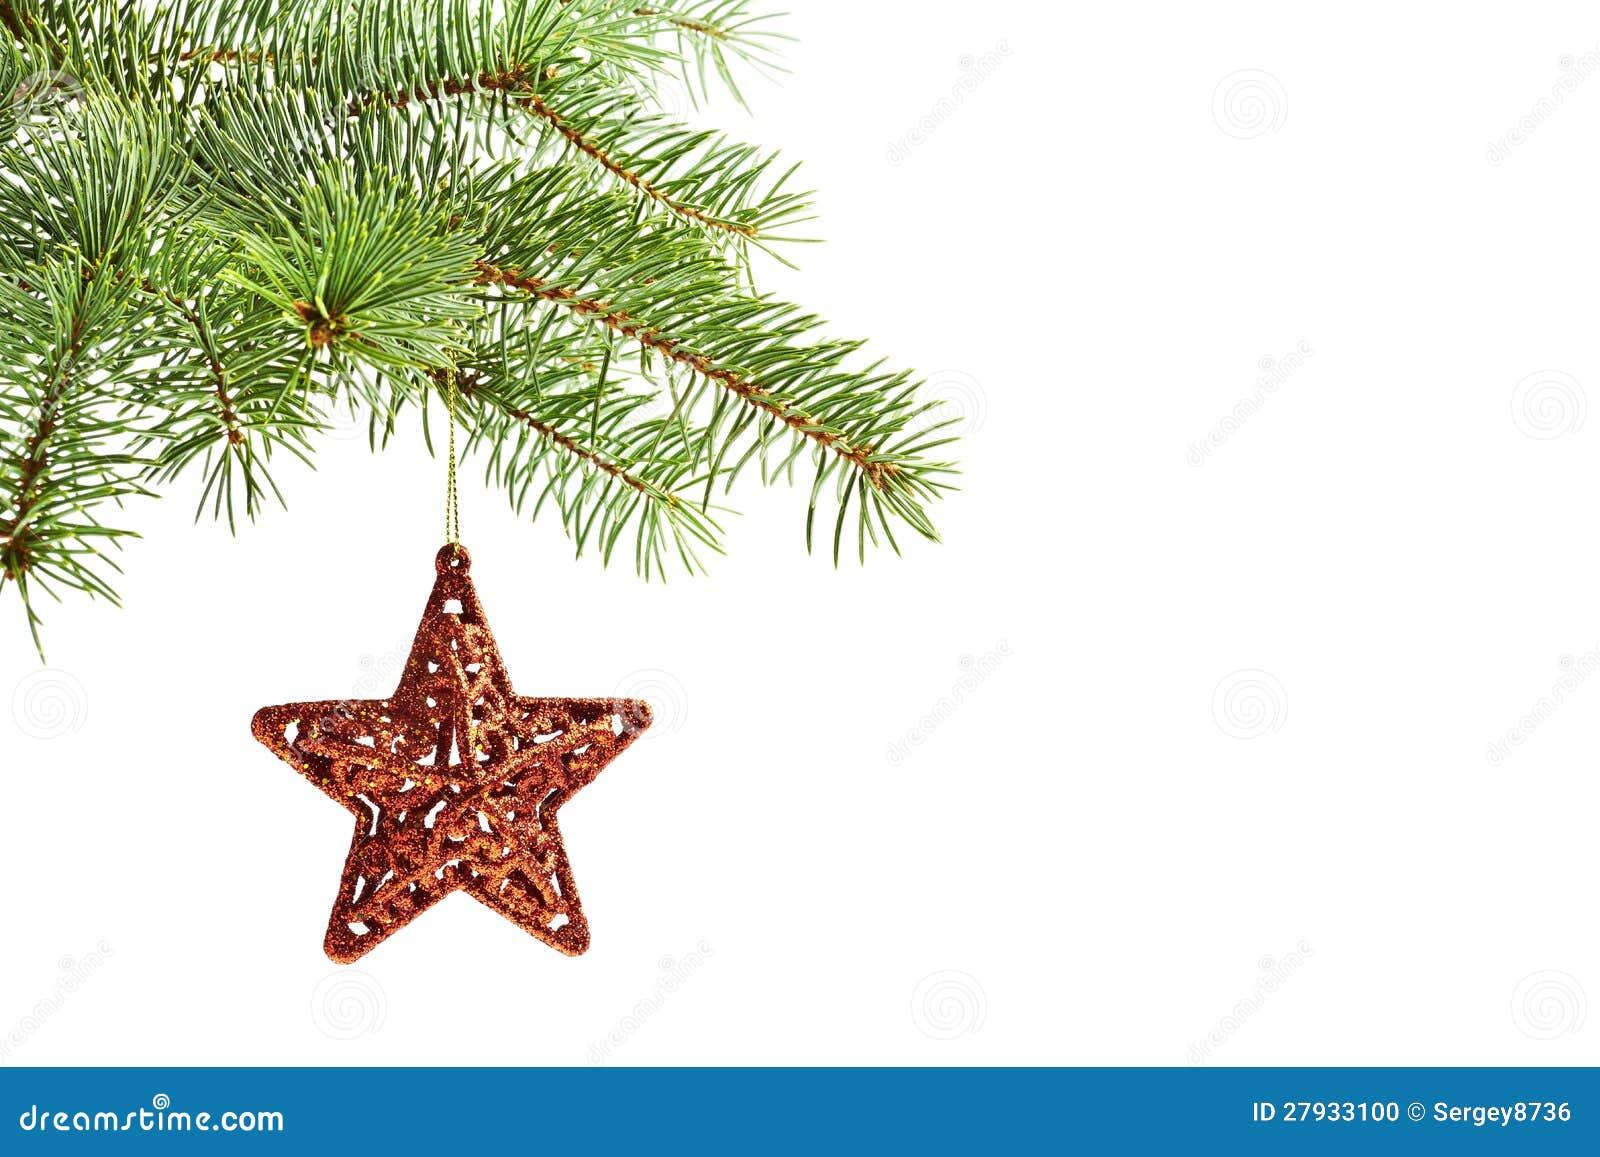 decoracao arvore de natal vermelha:Decoração Da árvore De Natal. Estrela Vermelha Foto de Stock